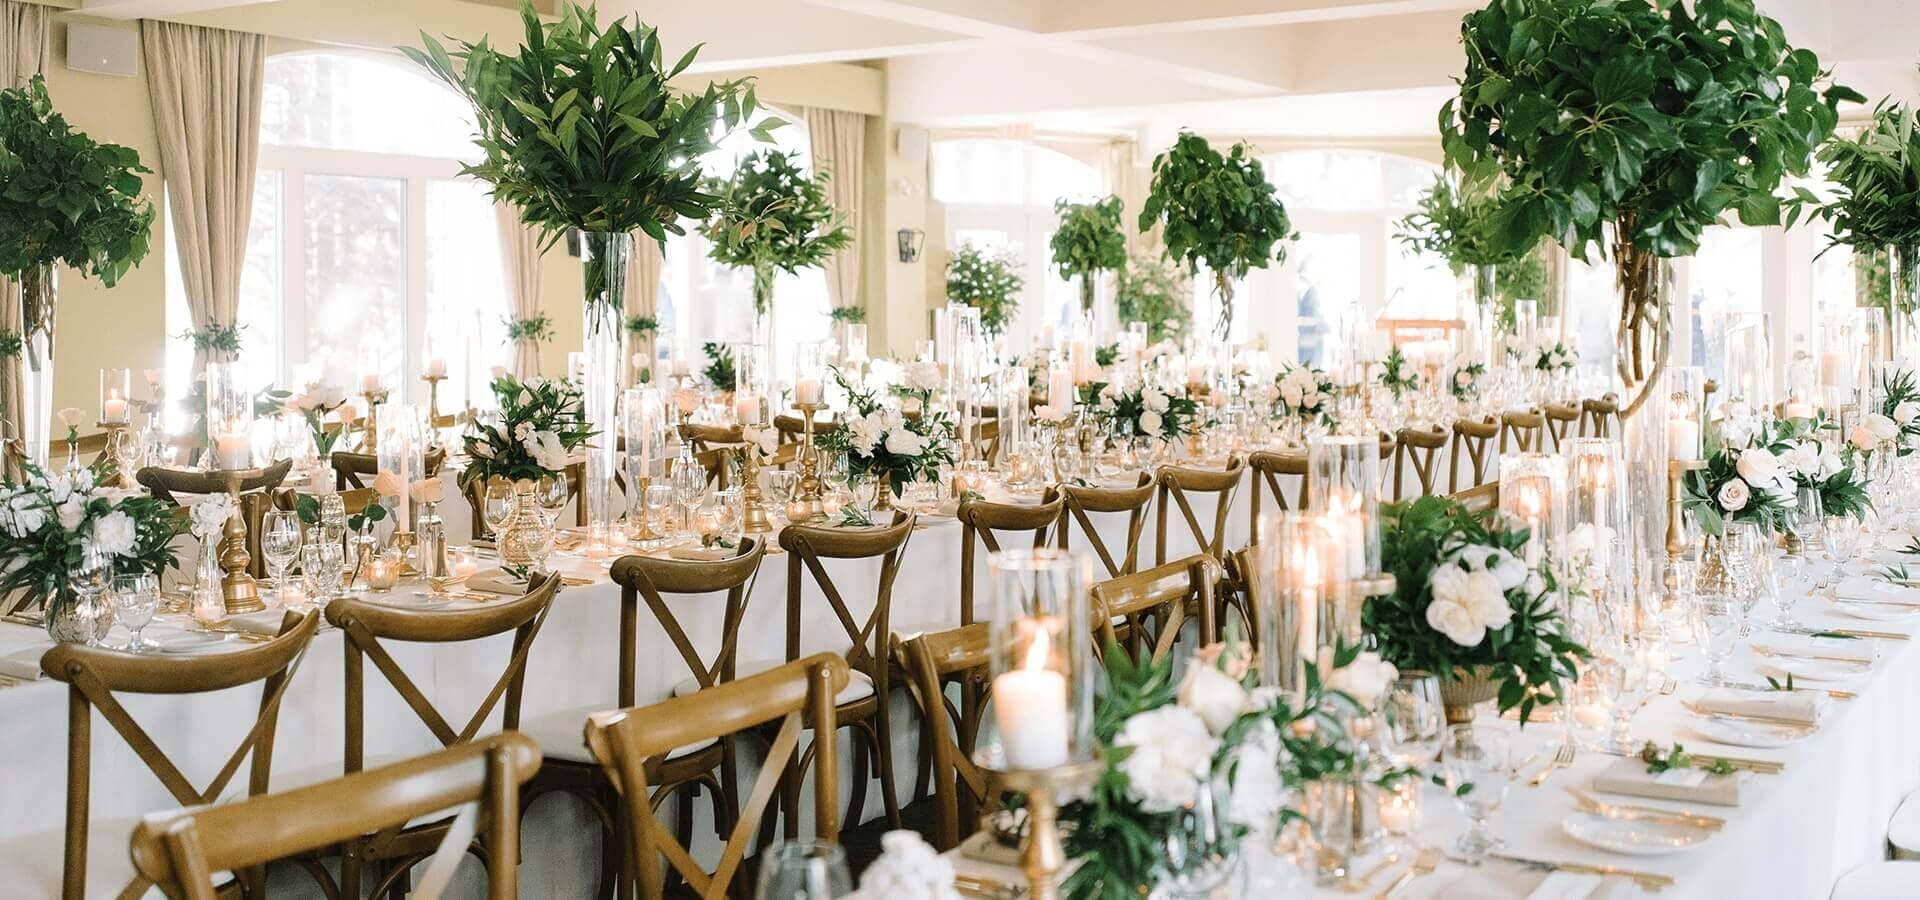 Hero image for Elynn and Joe's Elegant Garden Wedding at the Sherwood Inn